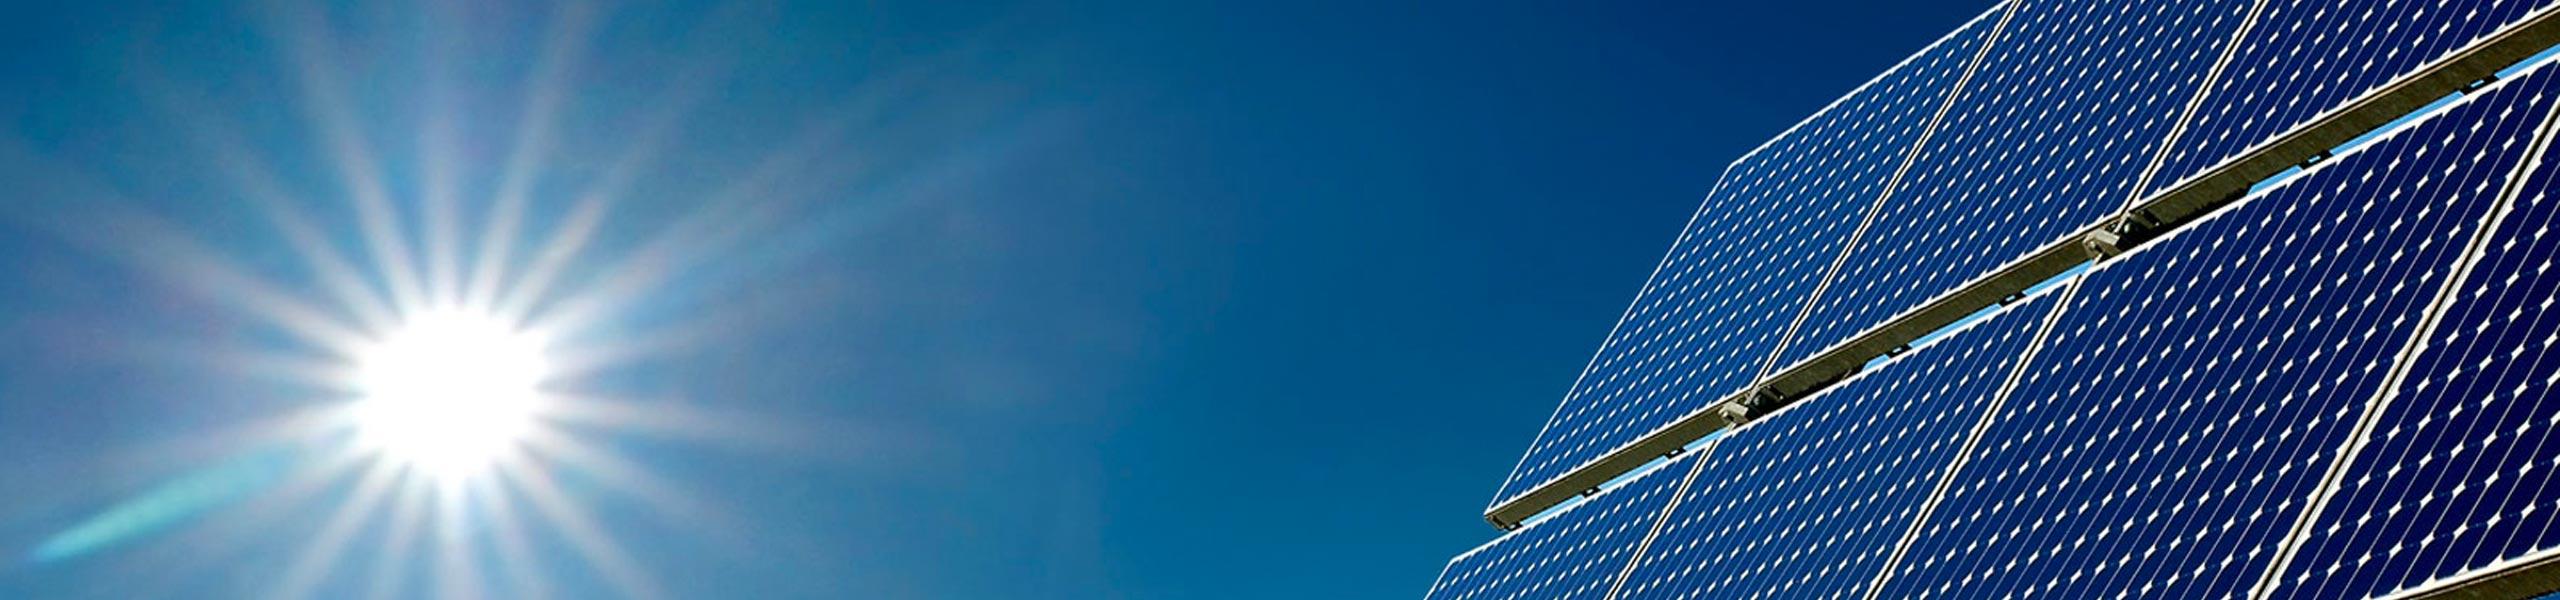 Zonnepanelen advies, verkoop en installatie | K&M INstallaties